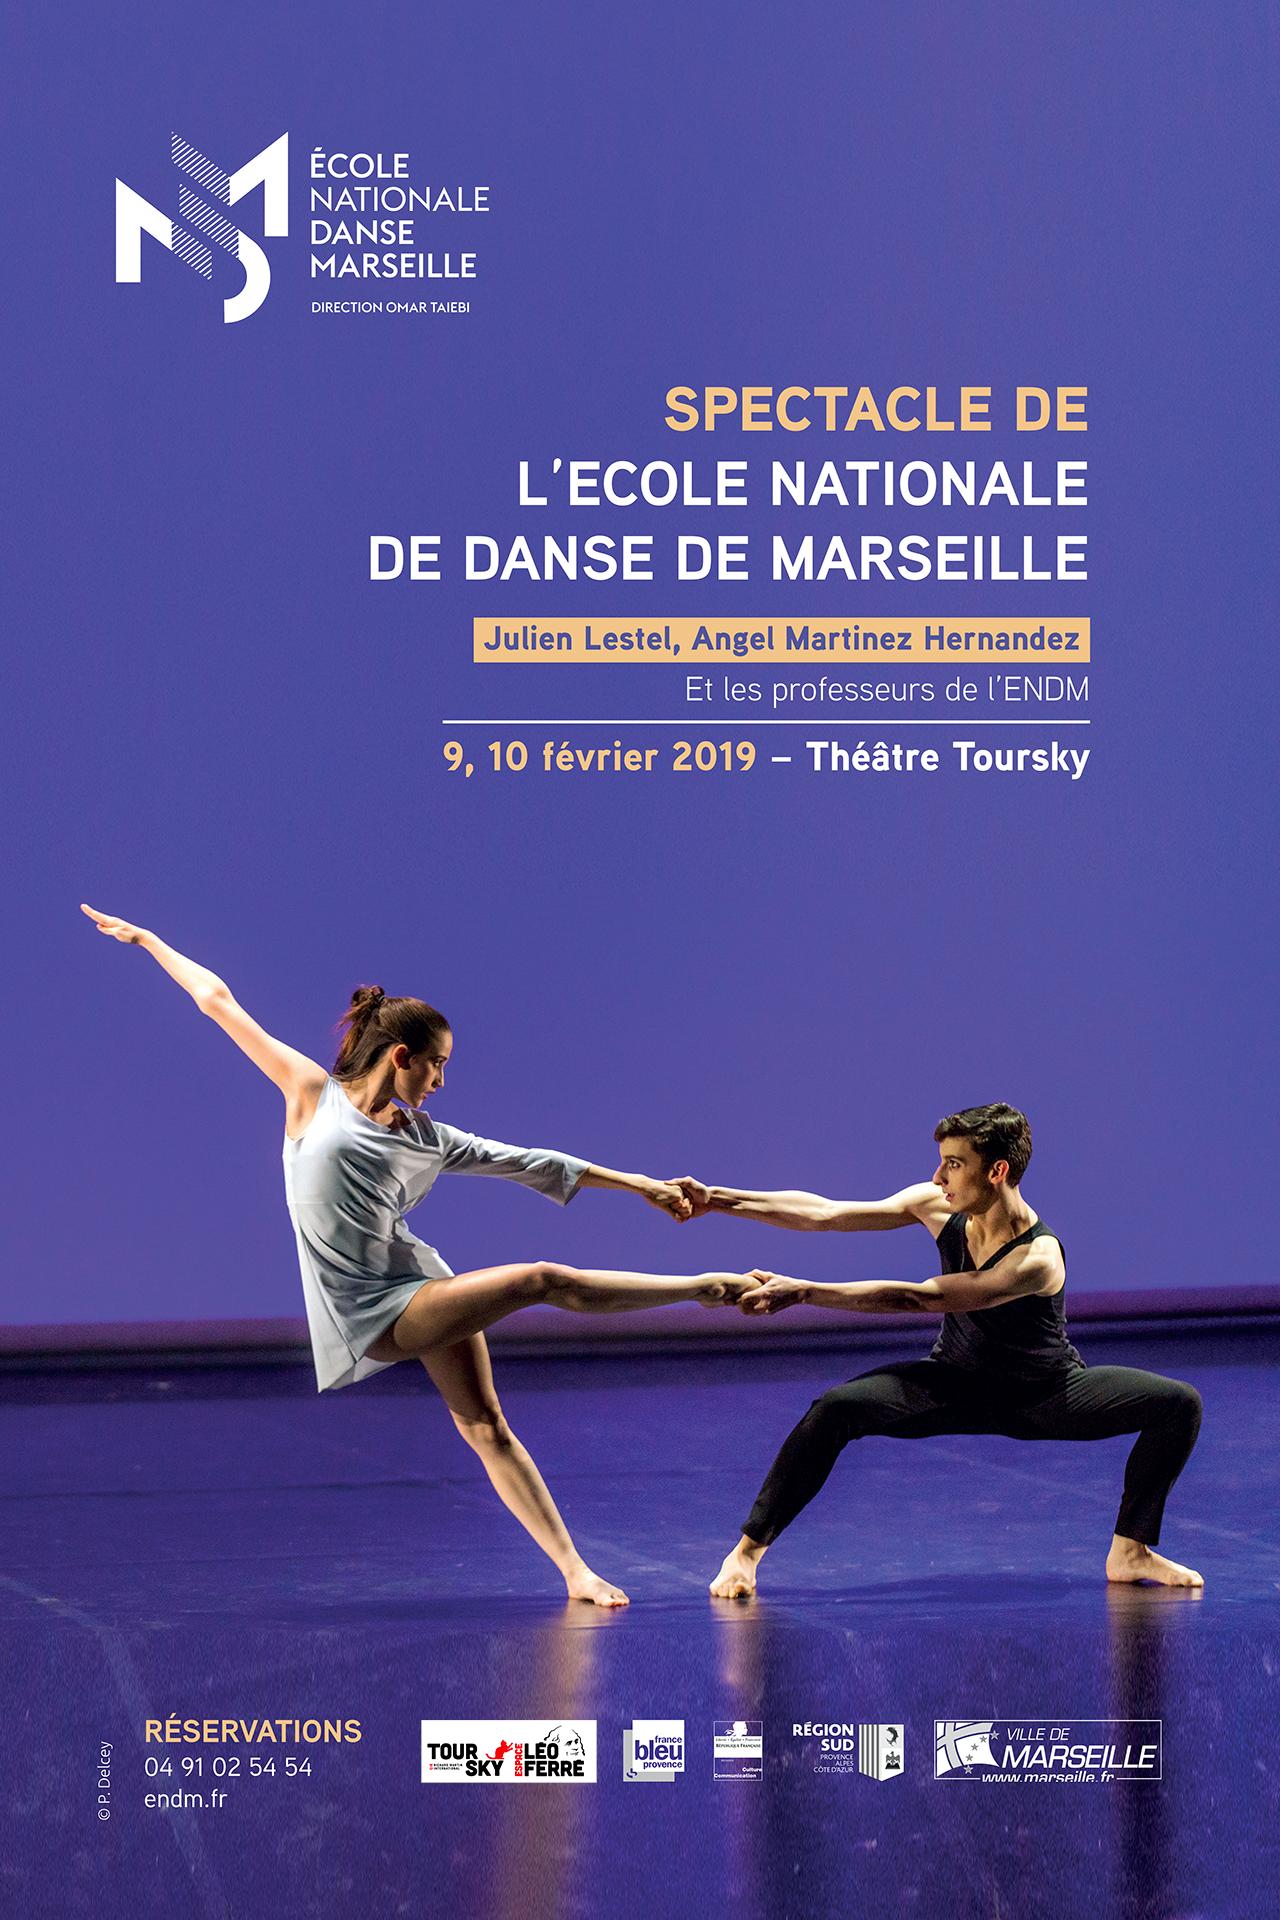 Spectacle de l'Ecole Nationale de Danse de Marseille